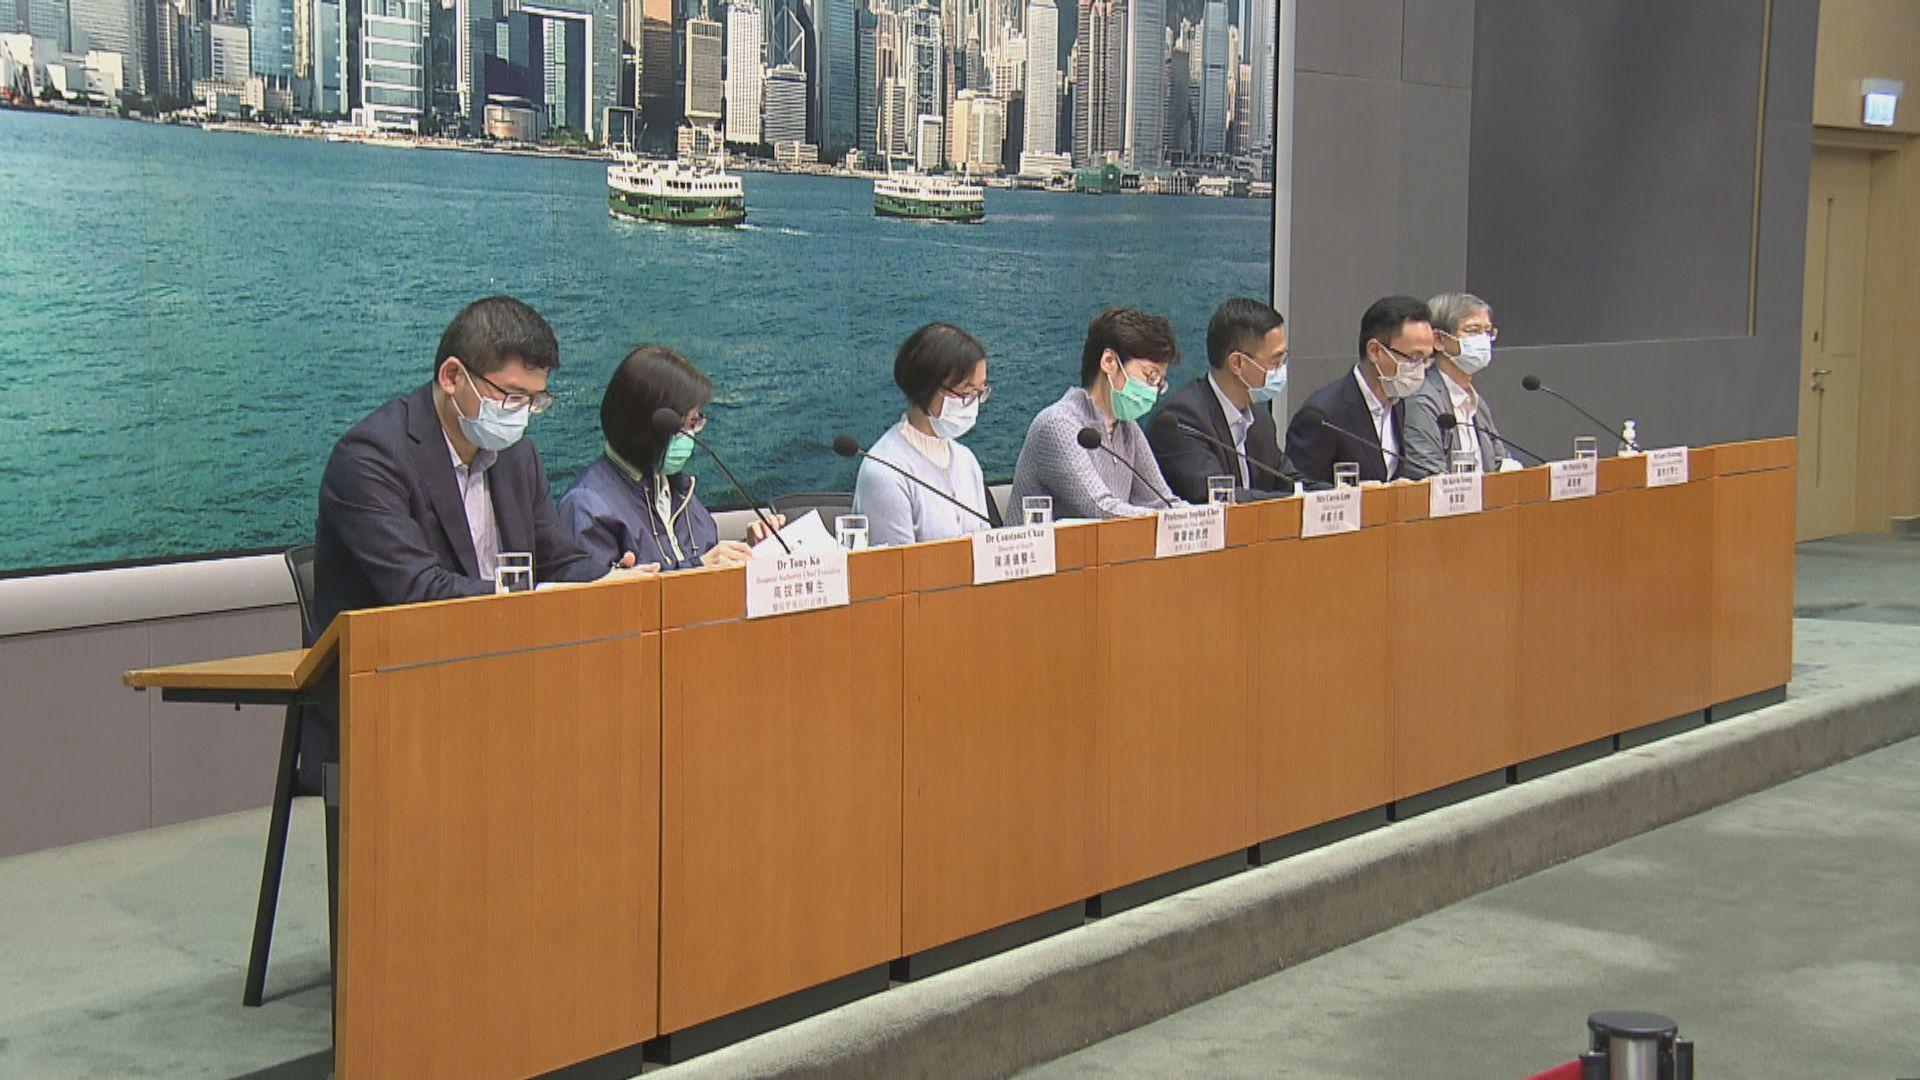 【一文睇晒】政府最新抗疫措施一覽